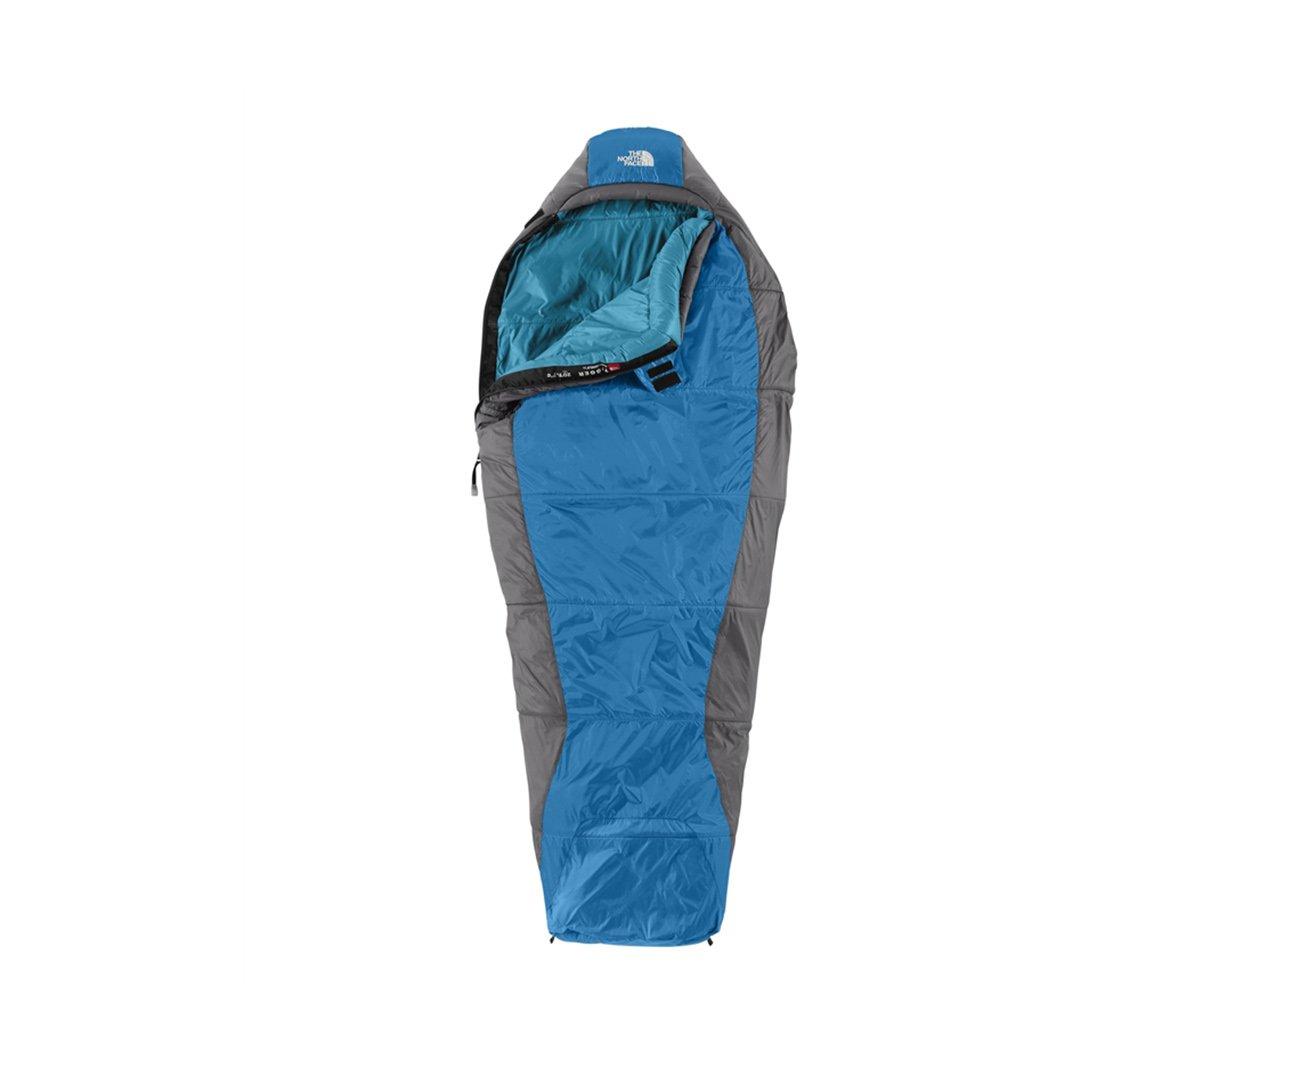 Saco De Dormir Super Cat 20°f / -7°c Azul/cinza Ziper Lado Direito- The North Face